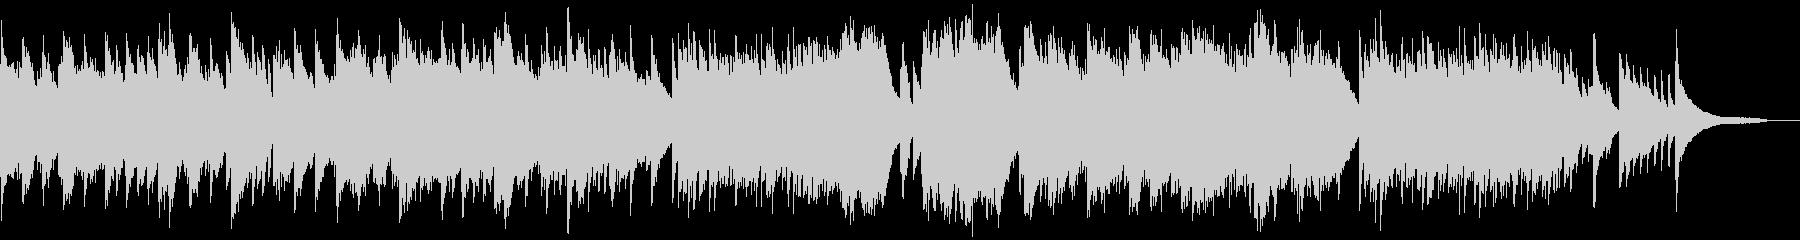 しっとりとした、ムーディーなピアノ・ソロの未再生の波形